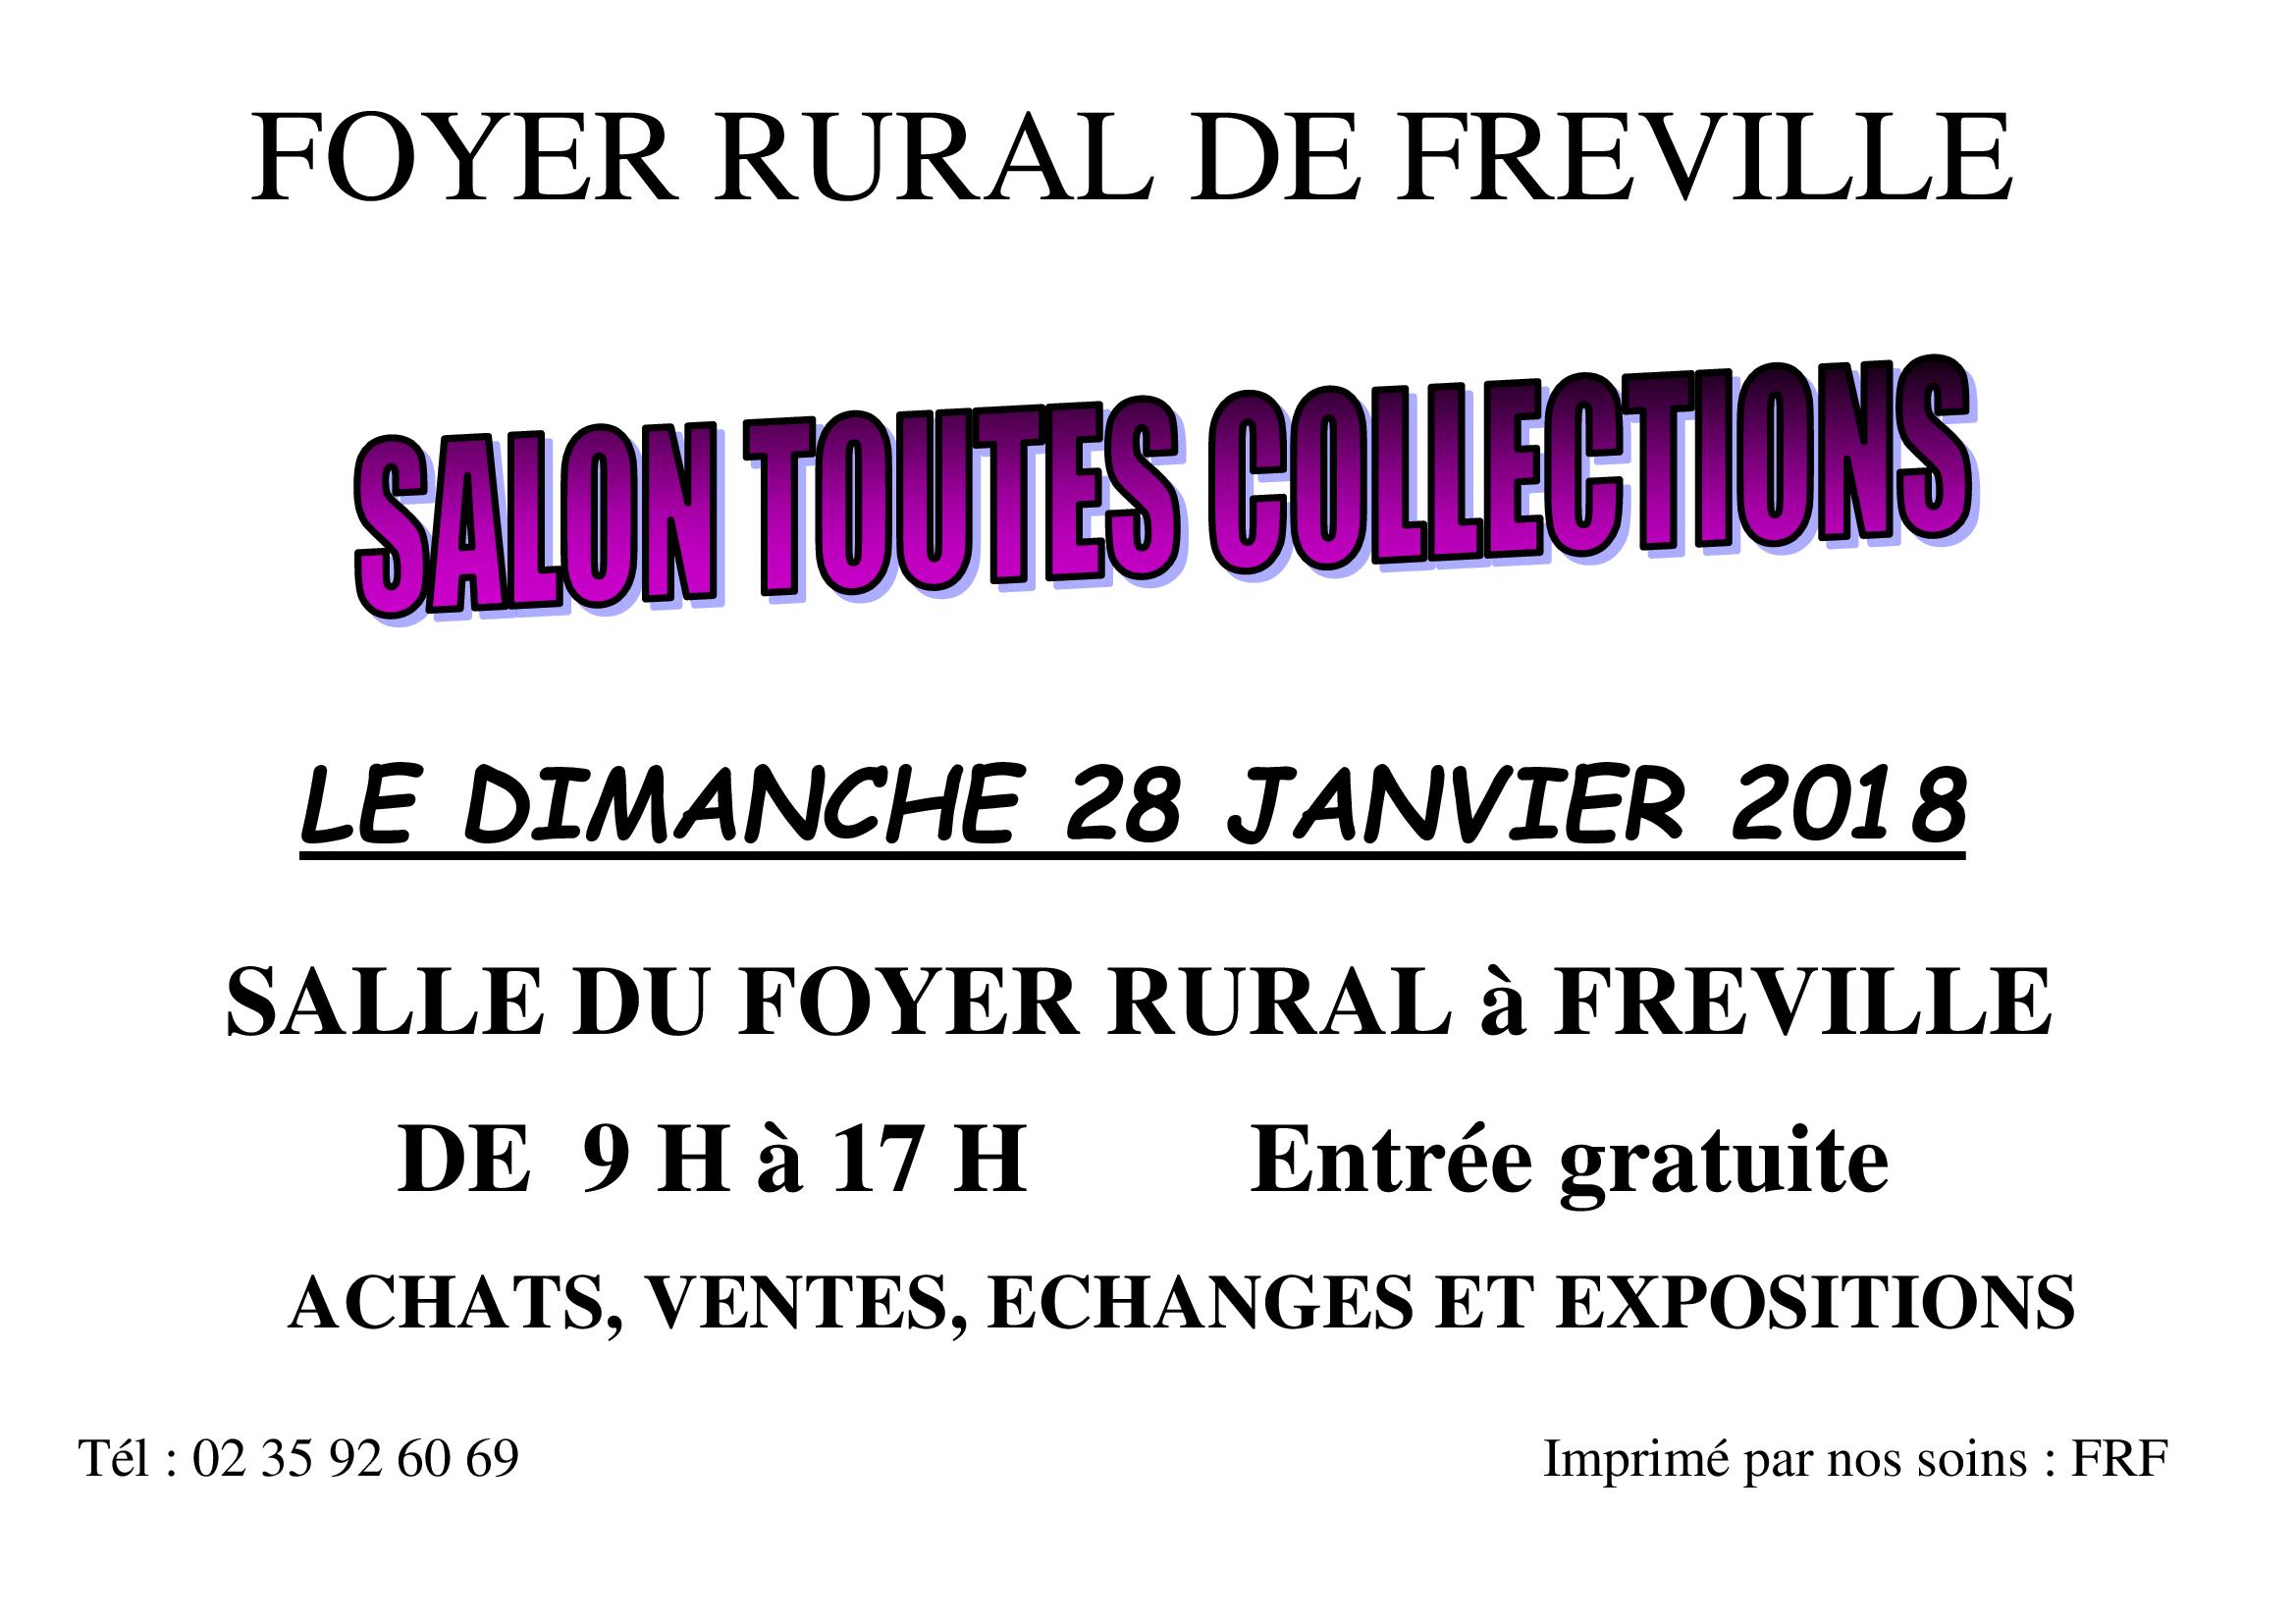 Salon toutes Collections à Fréville- Dimanche 28 Janvier 2018